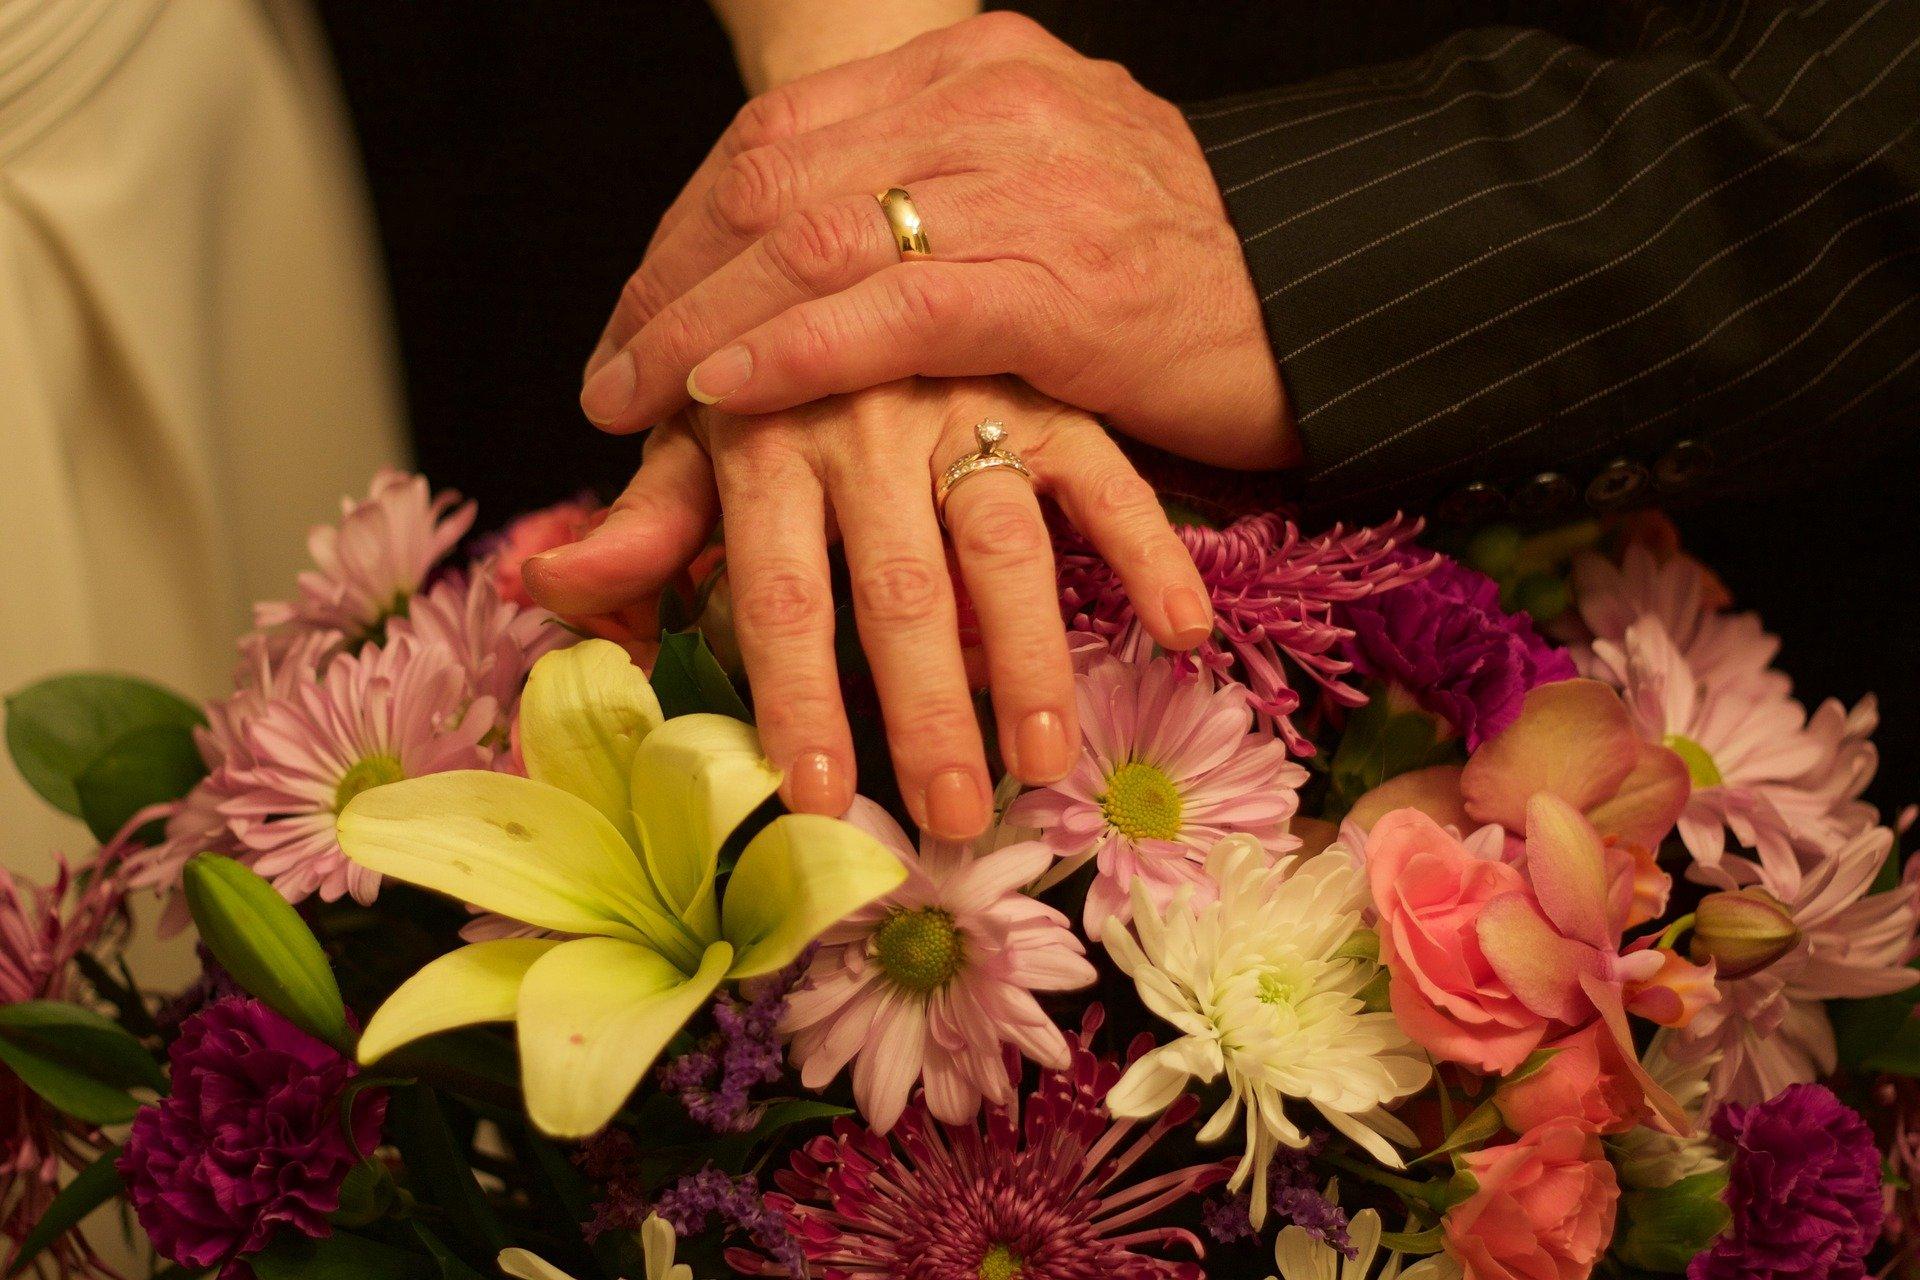 Couple_hands_anniversary.jpg